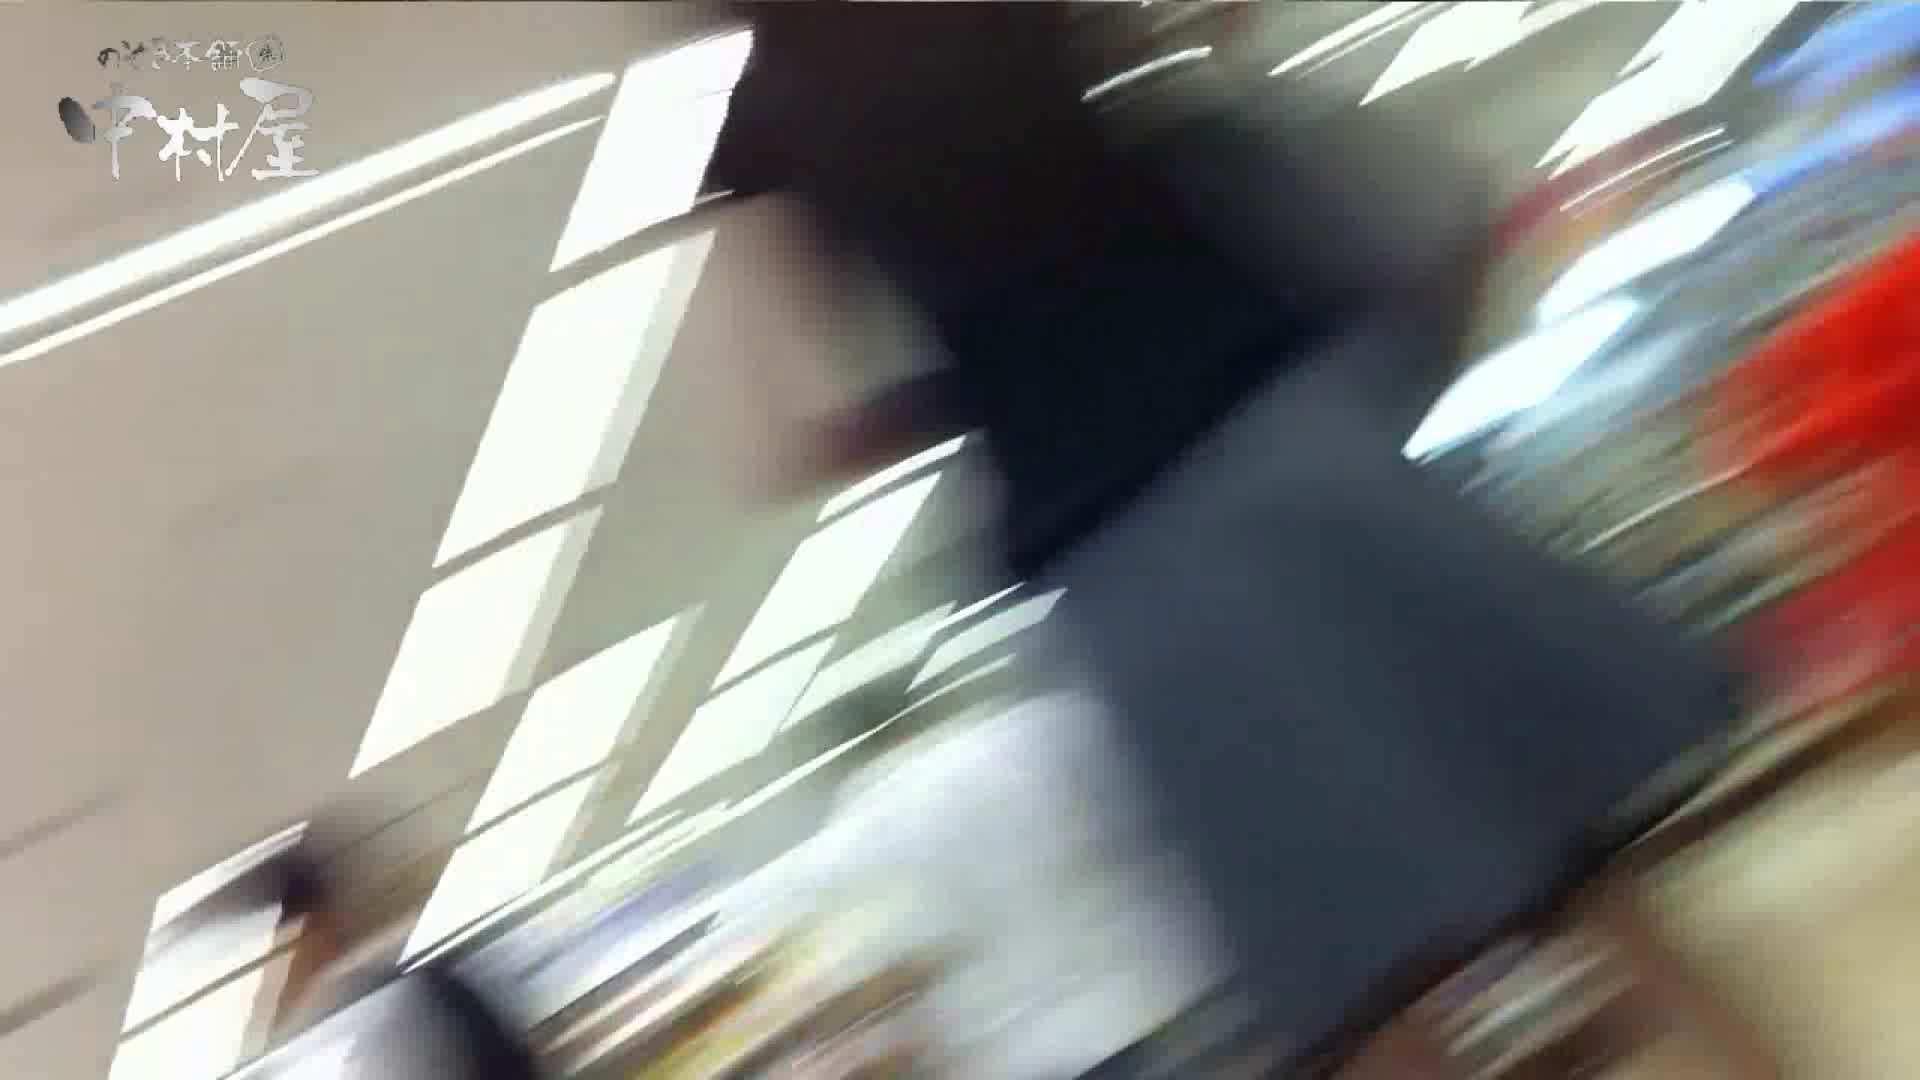 vol.46 可愛いカリスマ店員胸チラ&パンチラ モリマン! パンチラ  90Pix 53